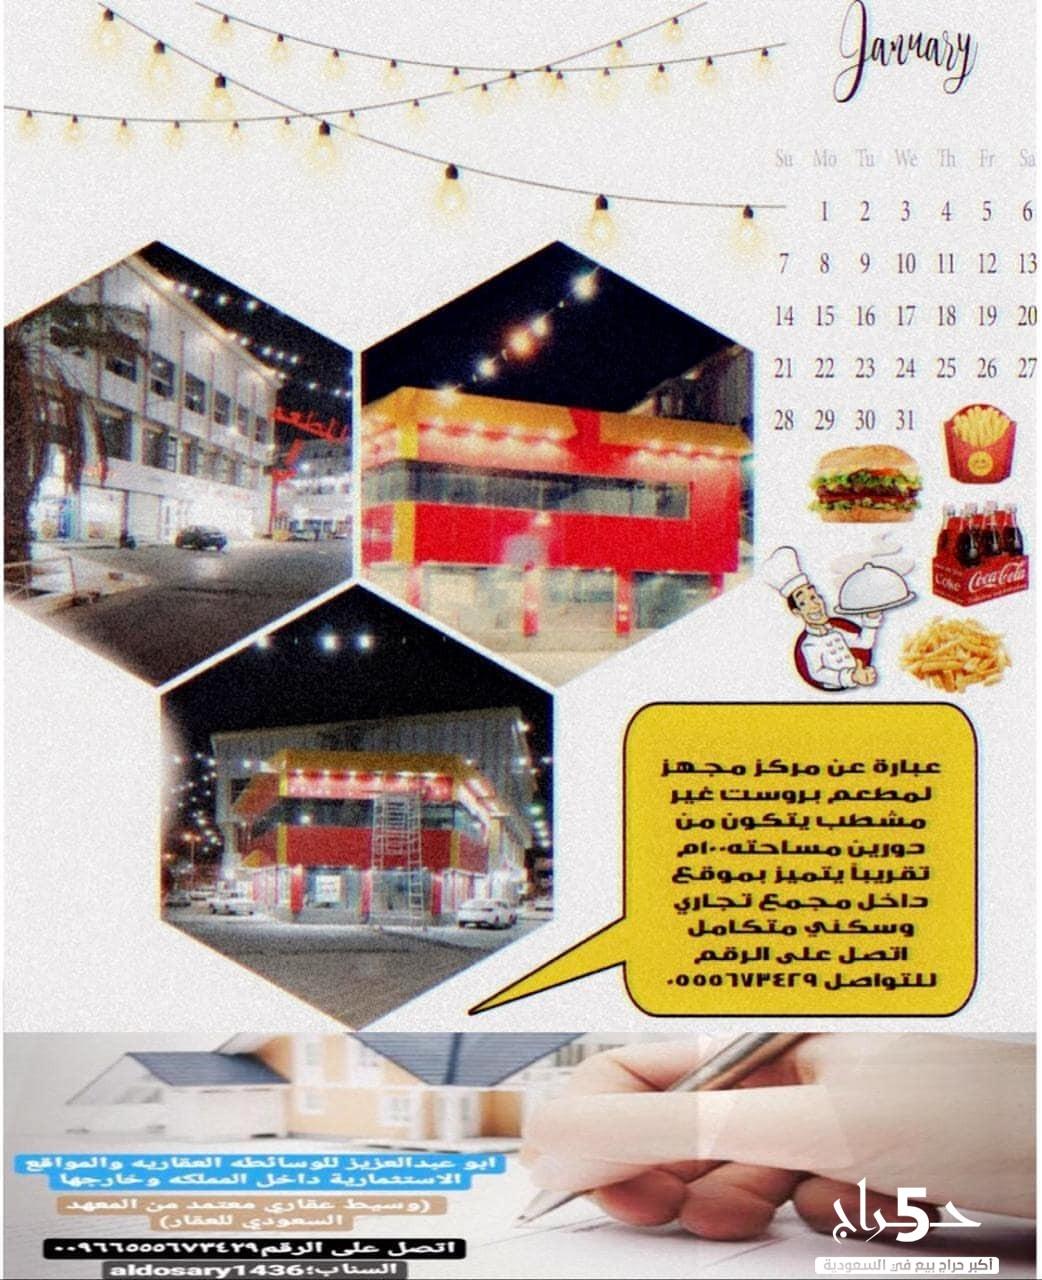 محل تجاري بمحافظة رنيه